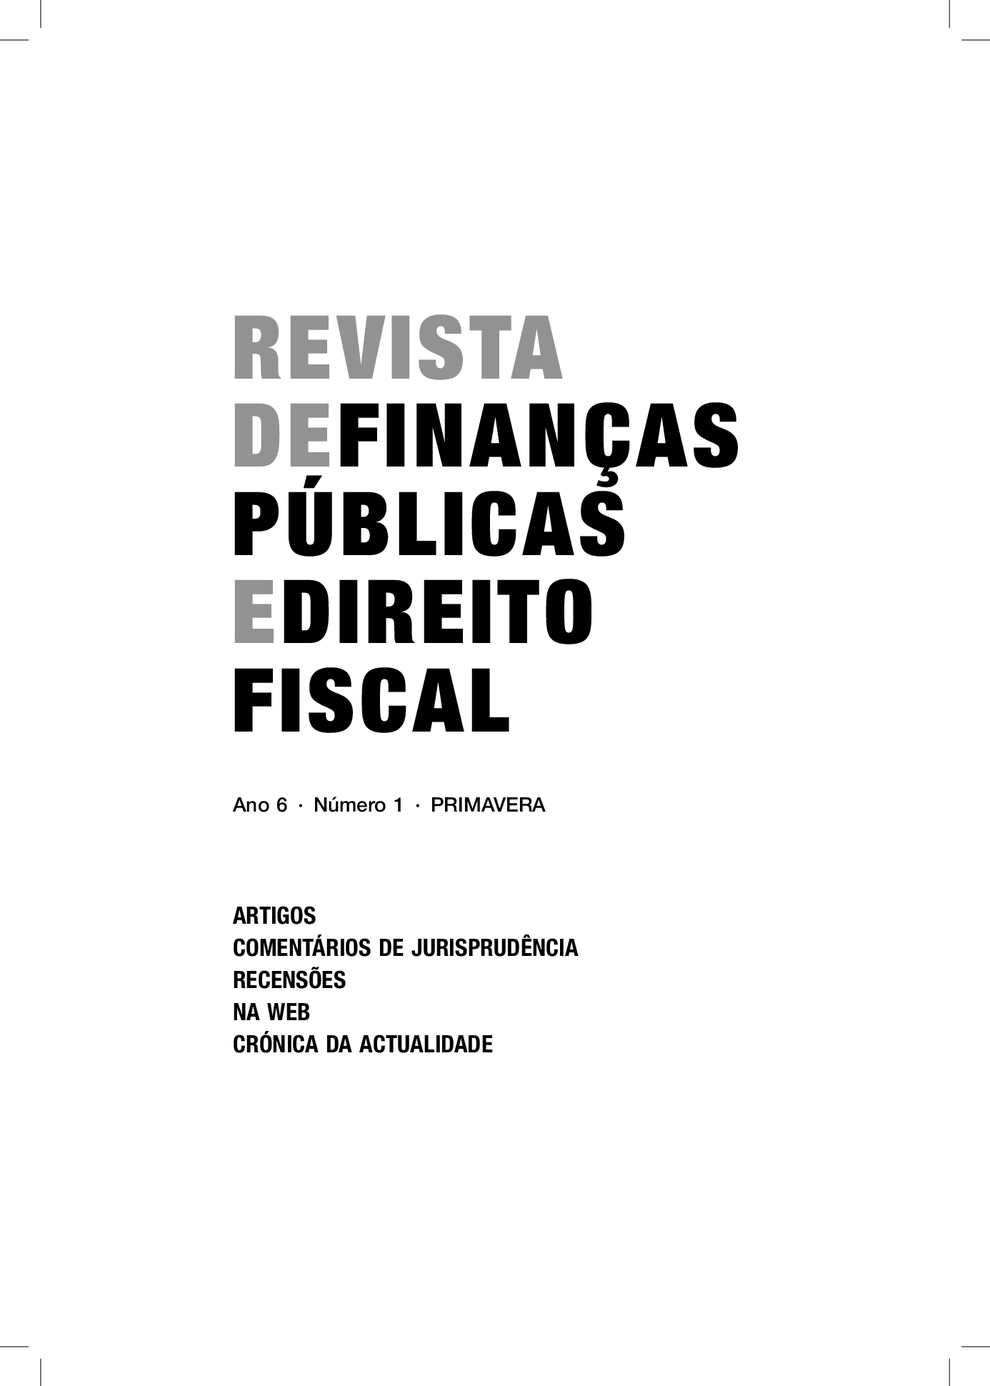 79b0a5c82d2 Calaméo - Revista de Finanças Públicas e Direito Fiscal